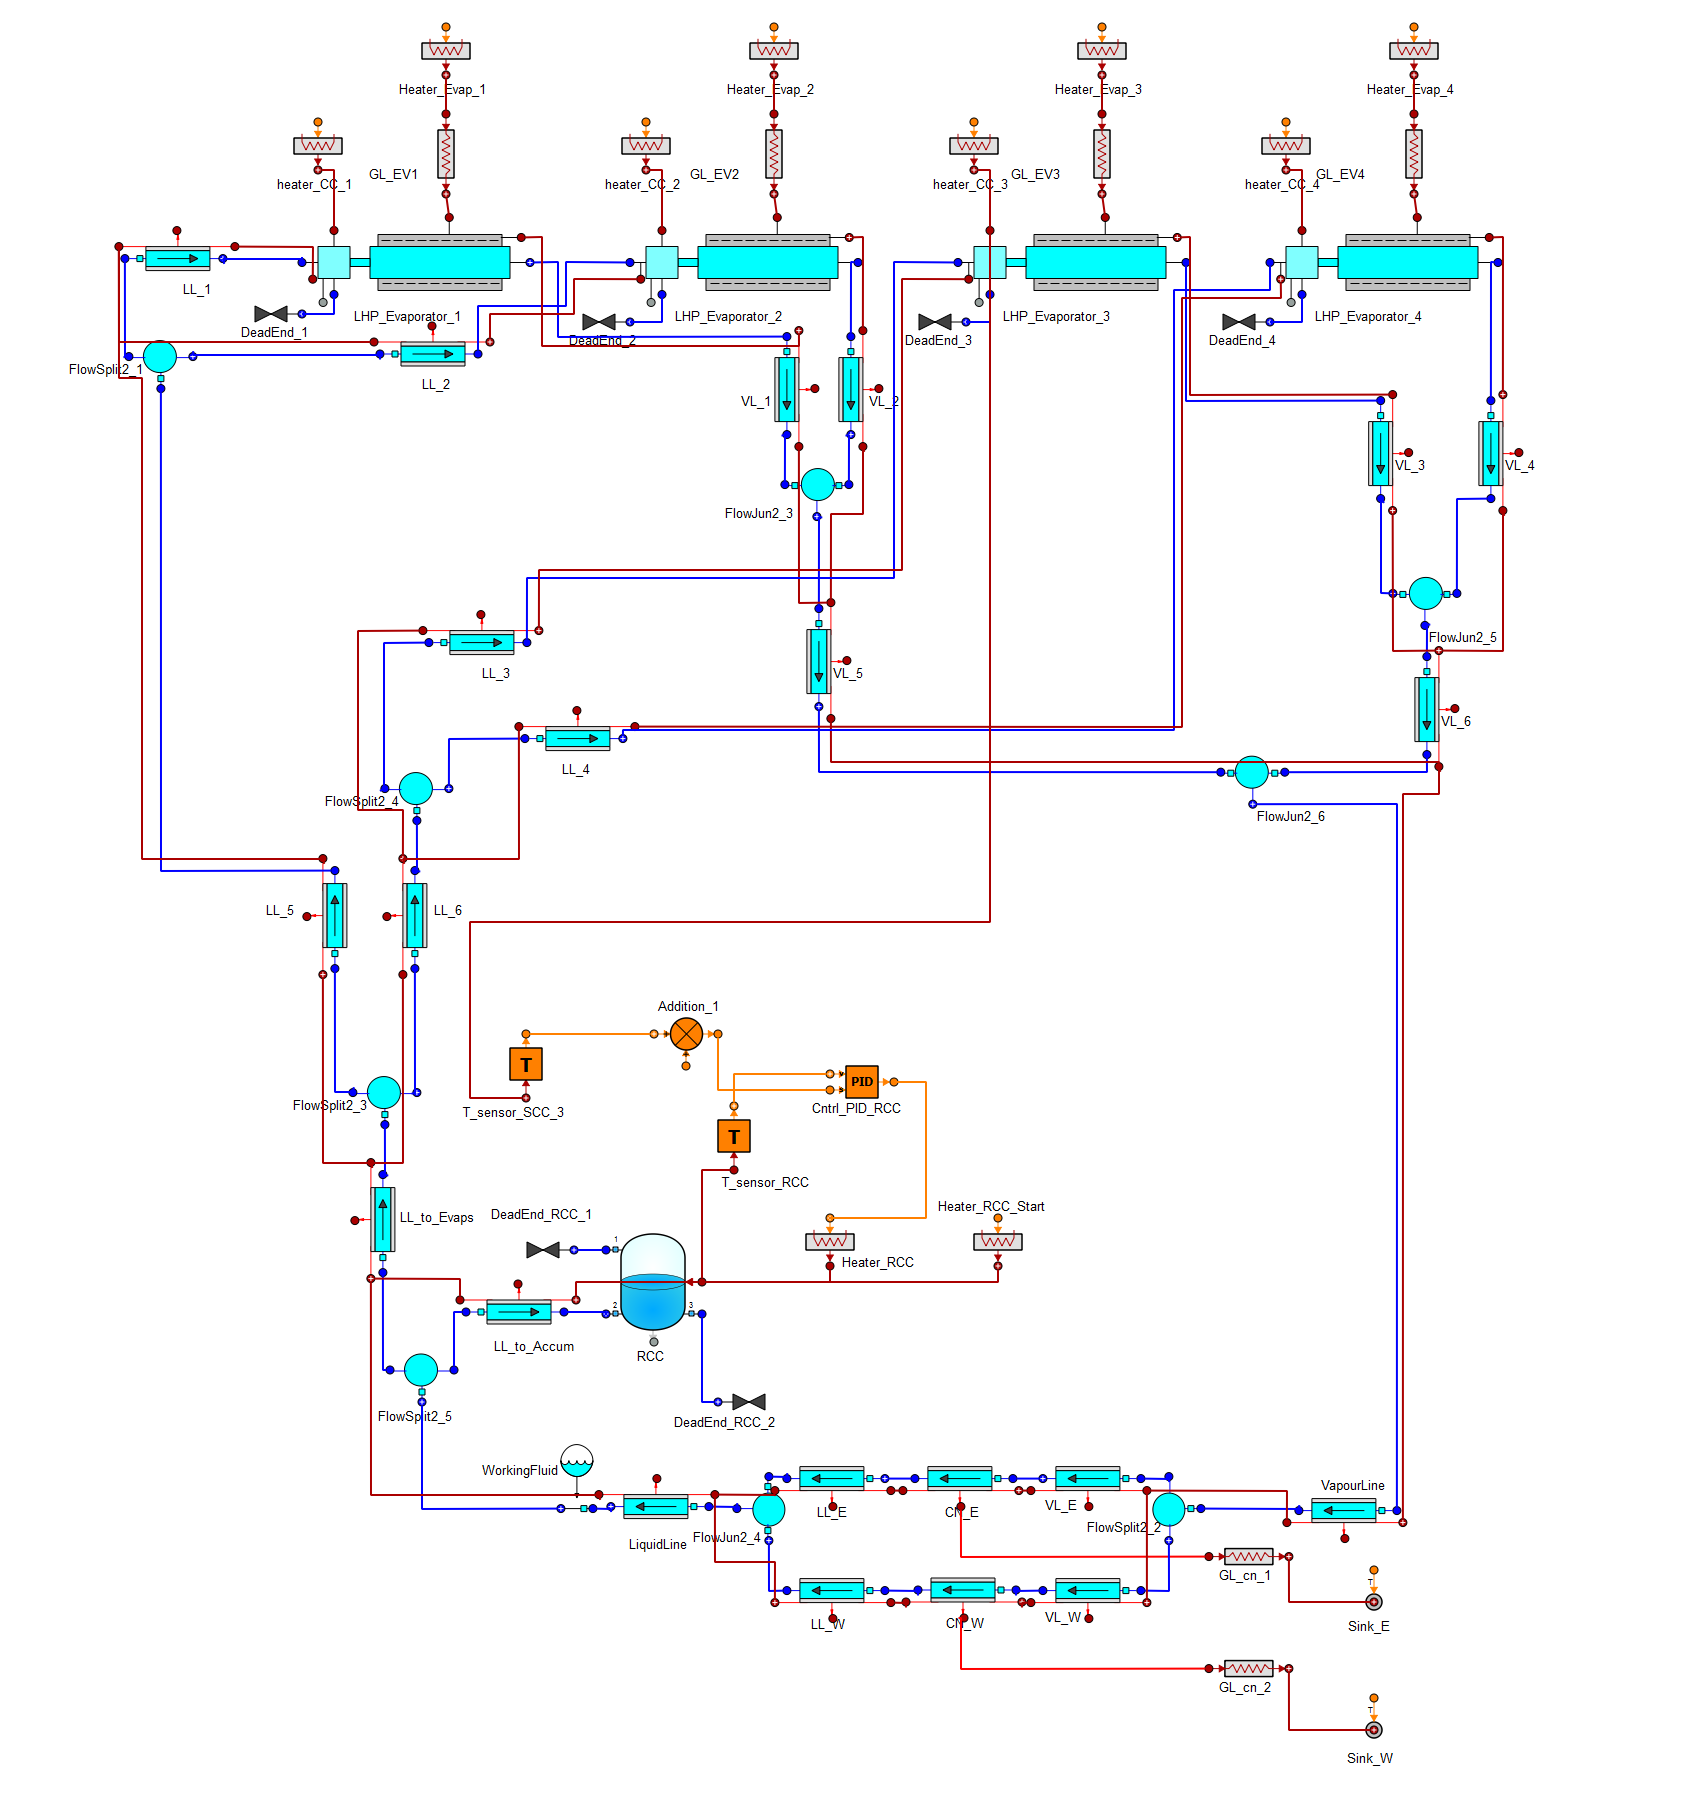 TPCS MER LHP image3